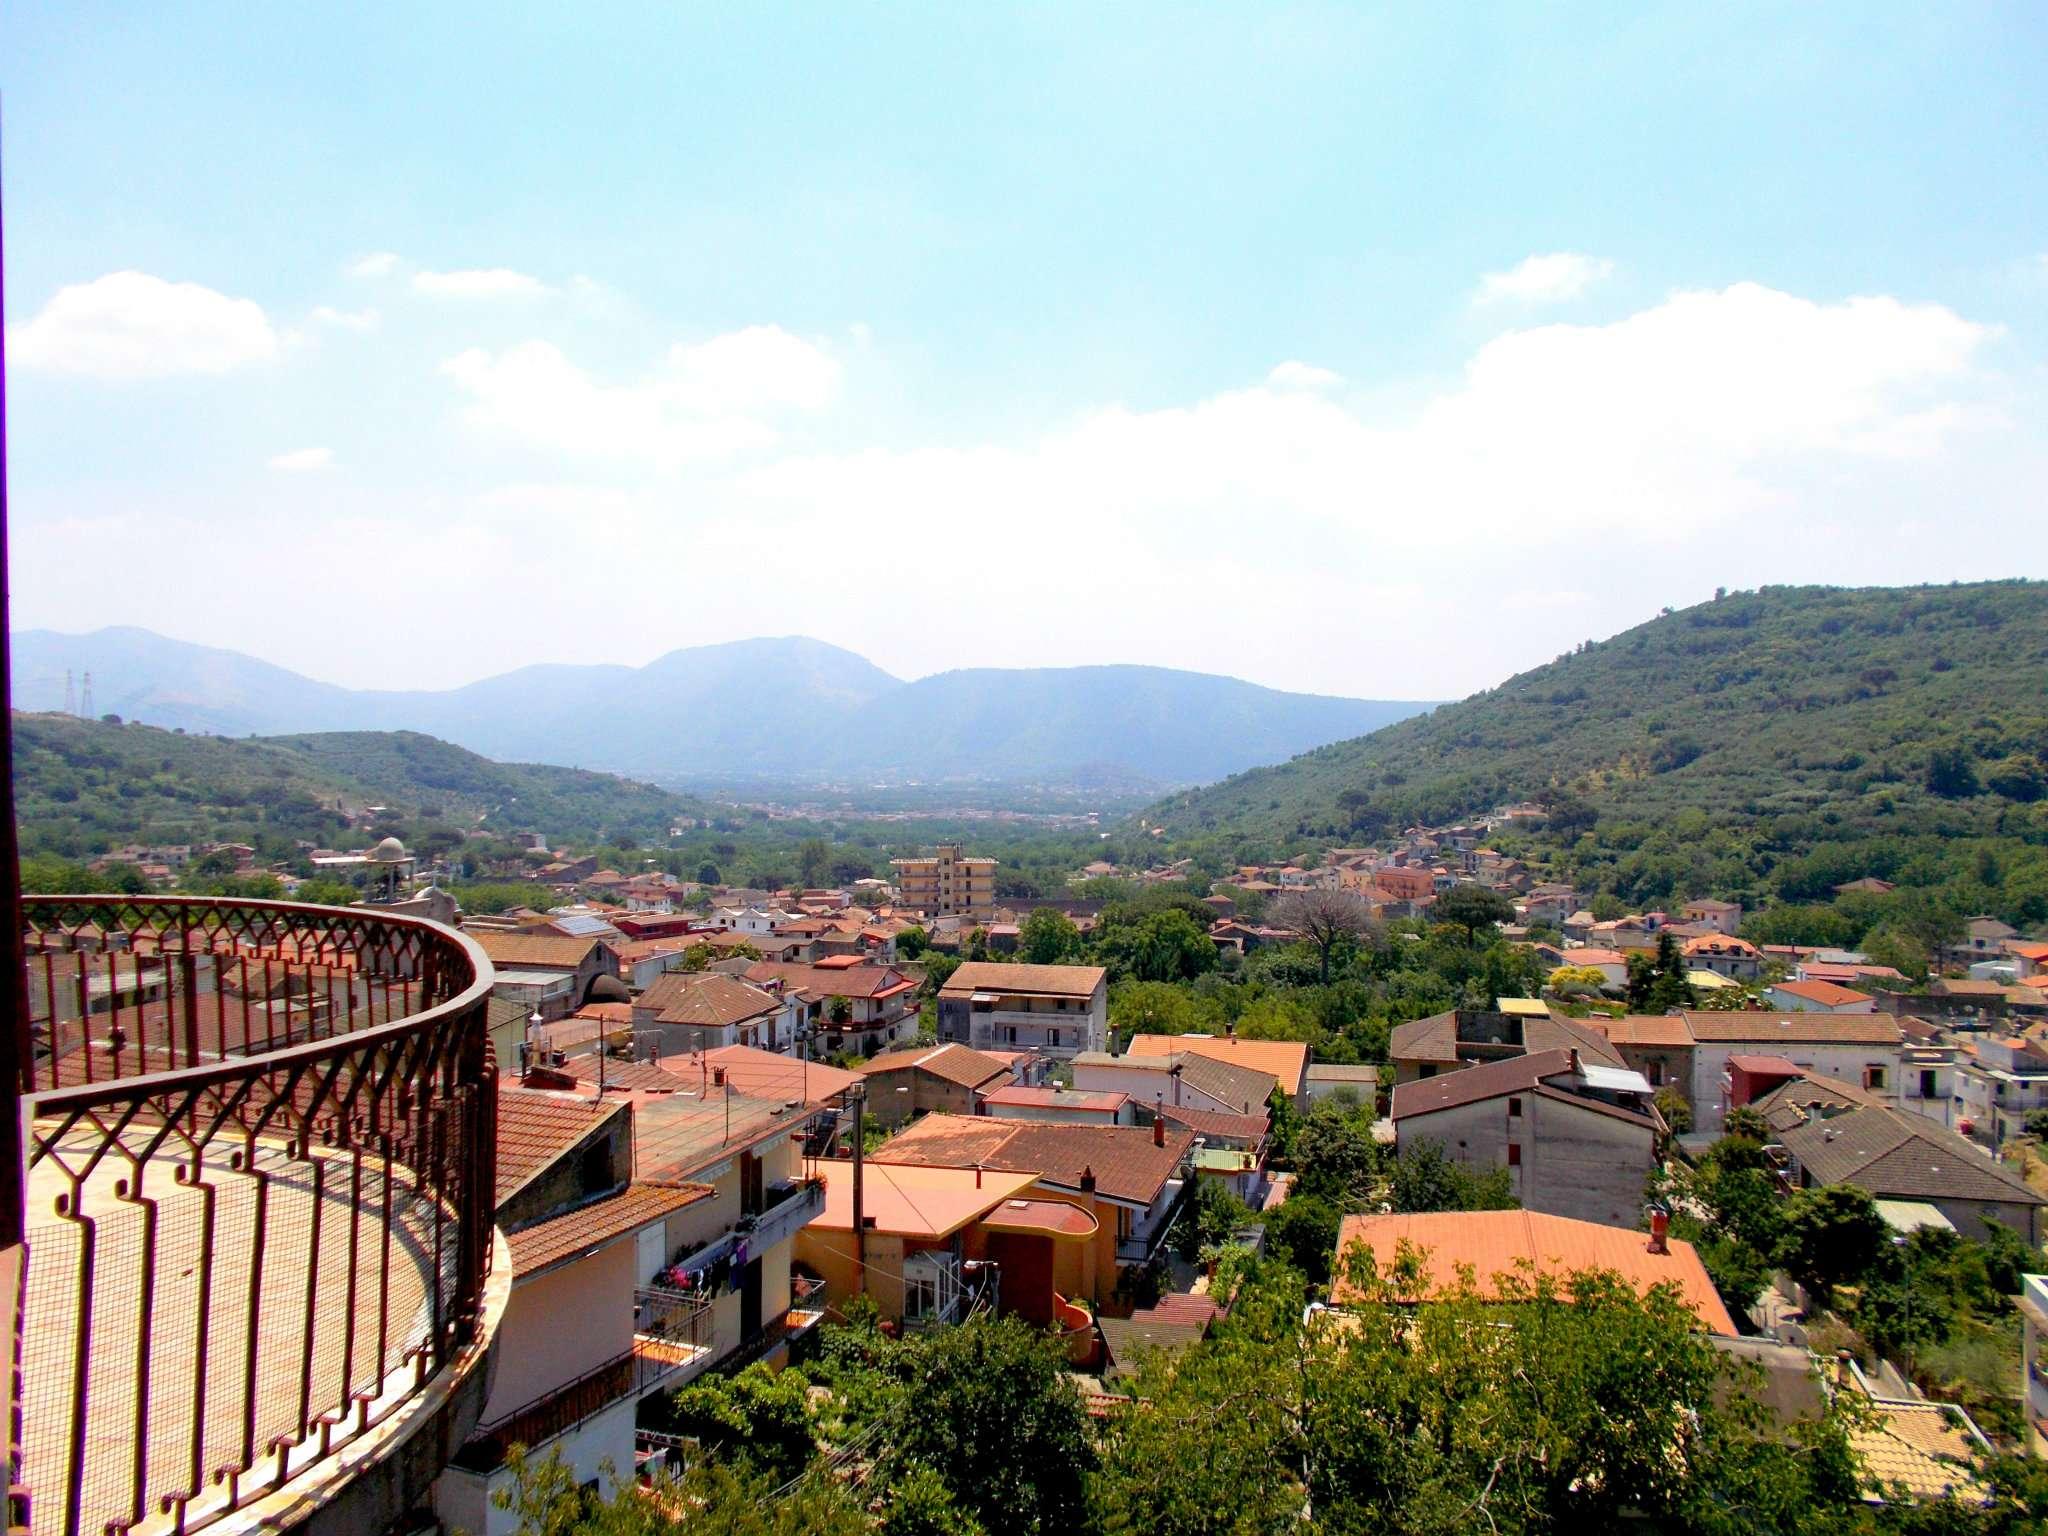 Appartamento in vendita a Cervino, 5 locali, prezzo € 55.000 | CambioCasa.it